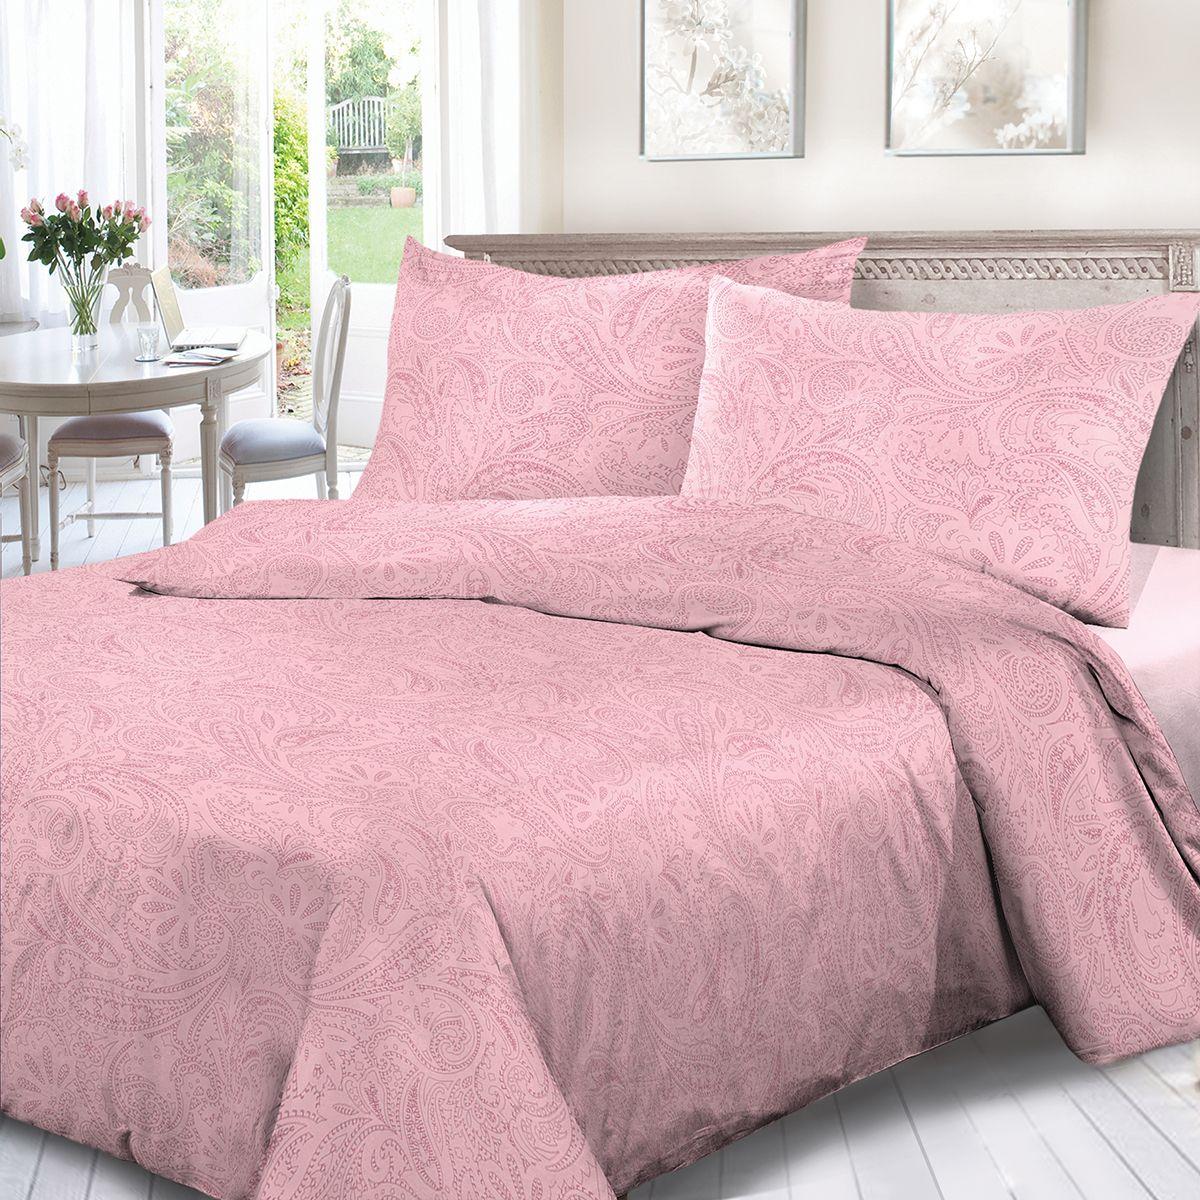 Комплект белья Сорренто Ариэль, евро, наволочки 70x70, цвет: розовый. 4114-189100